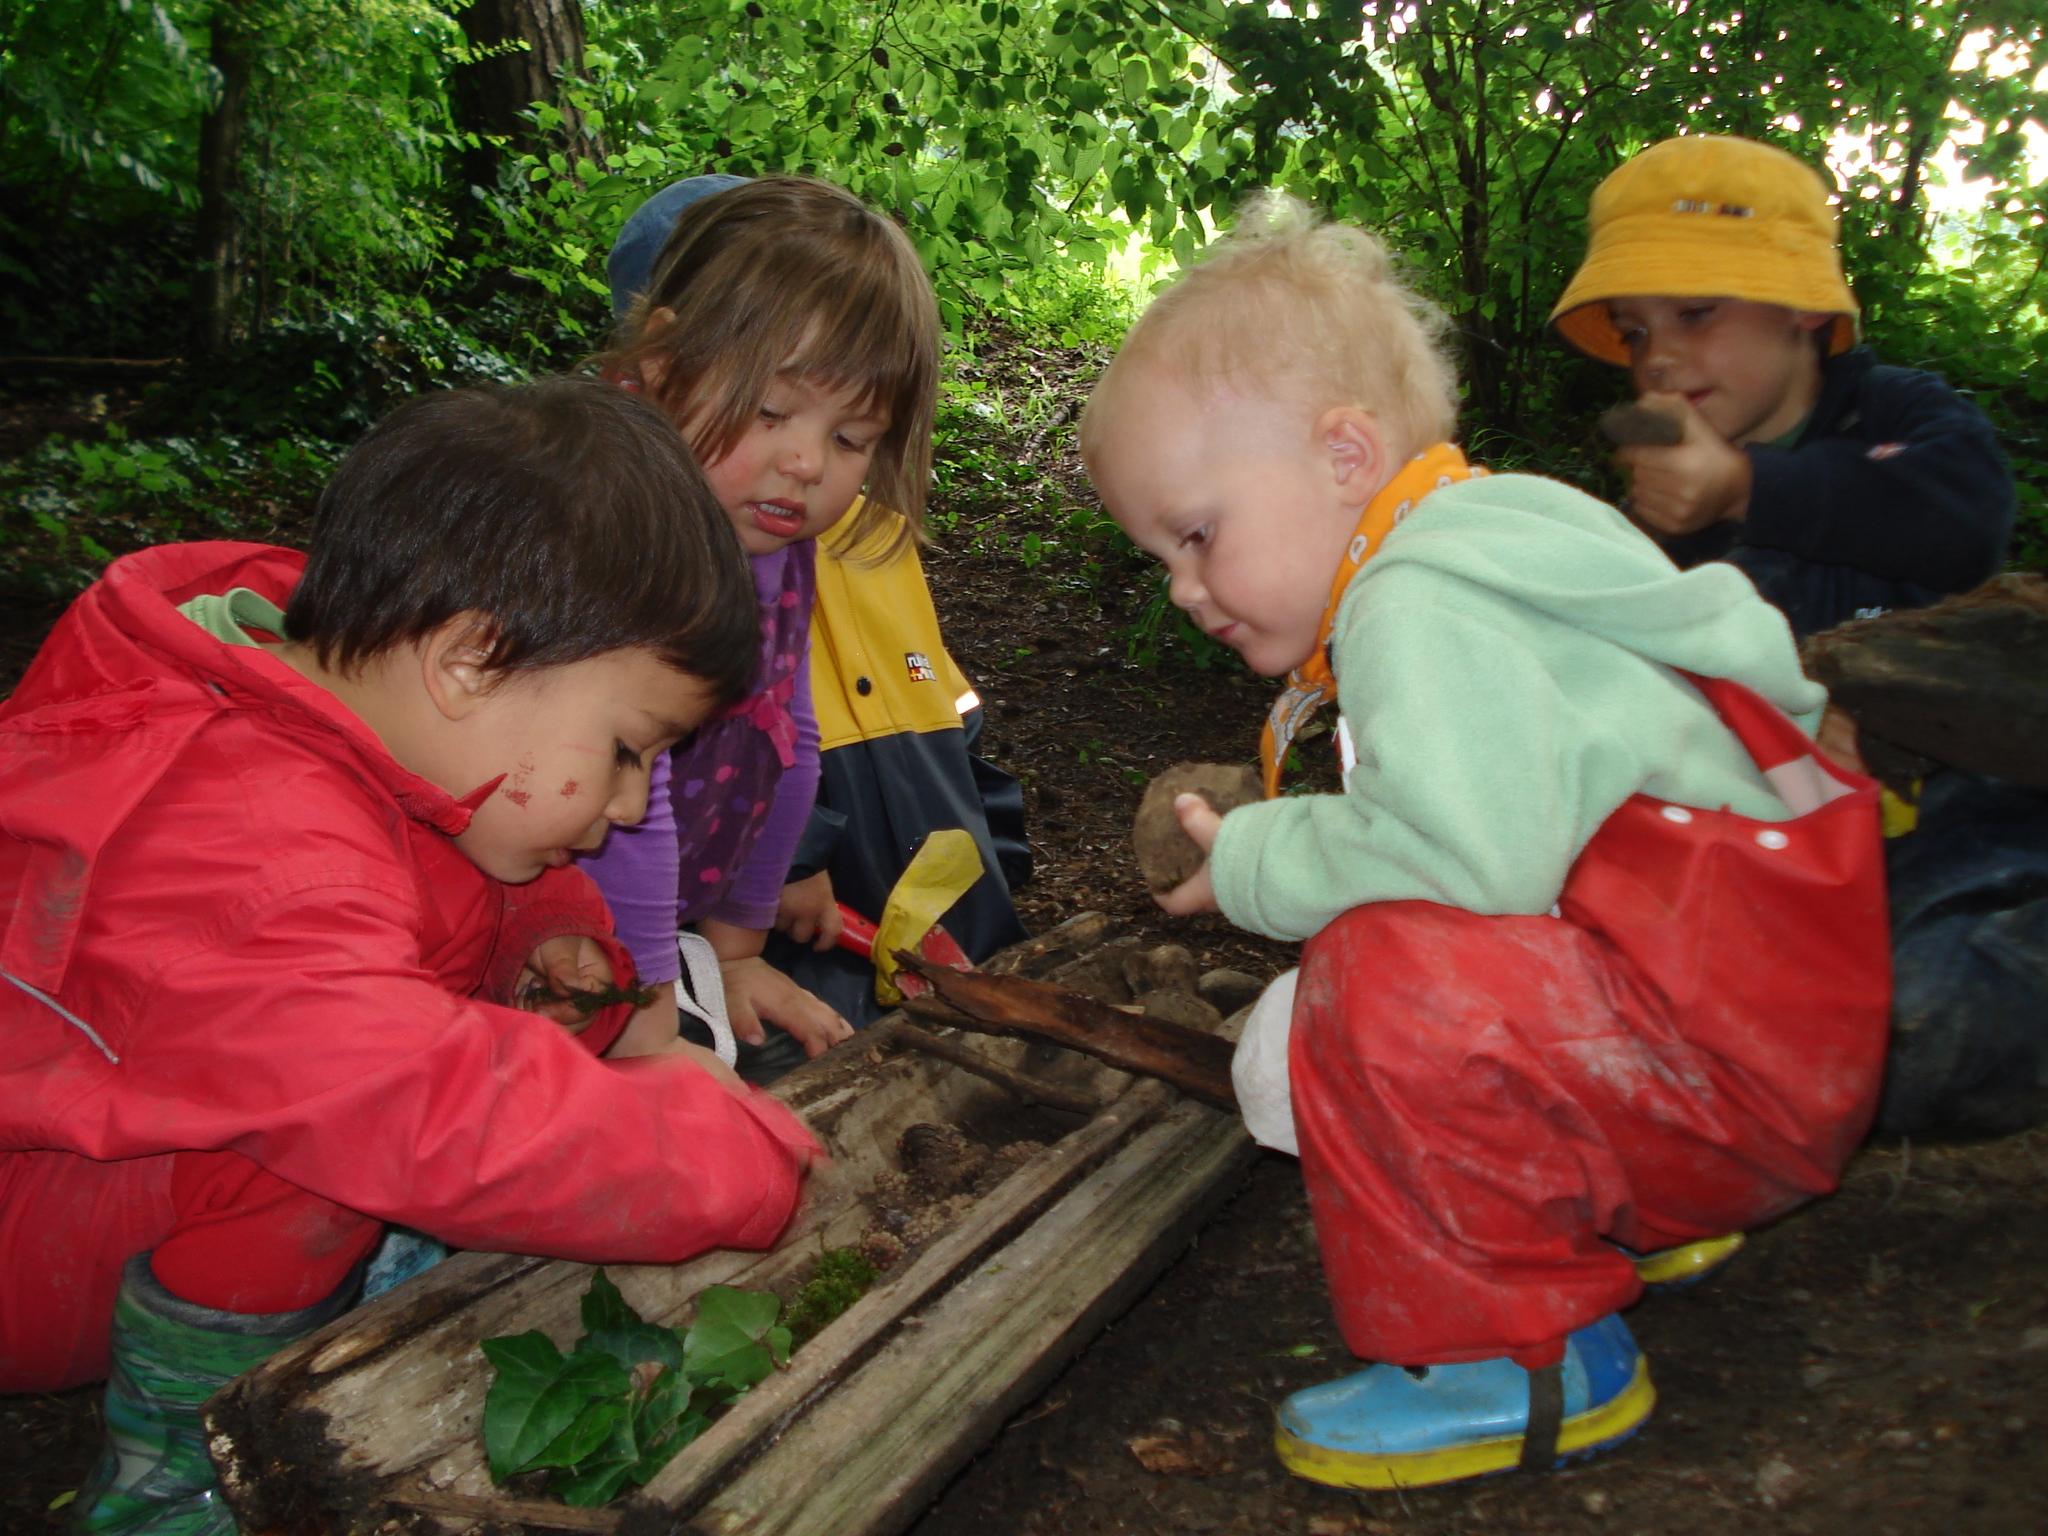 Kinder in den Waldspielgruppen sollen mit dem Material spielen, dass sie am Waldboden finden